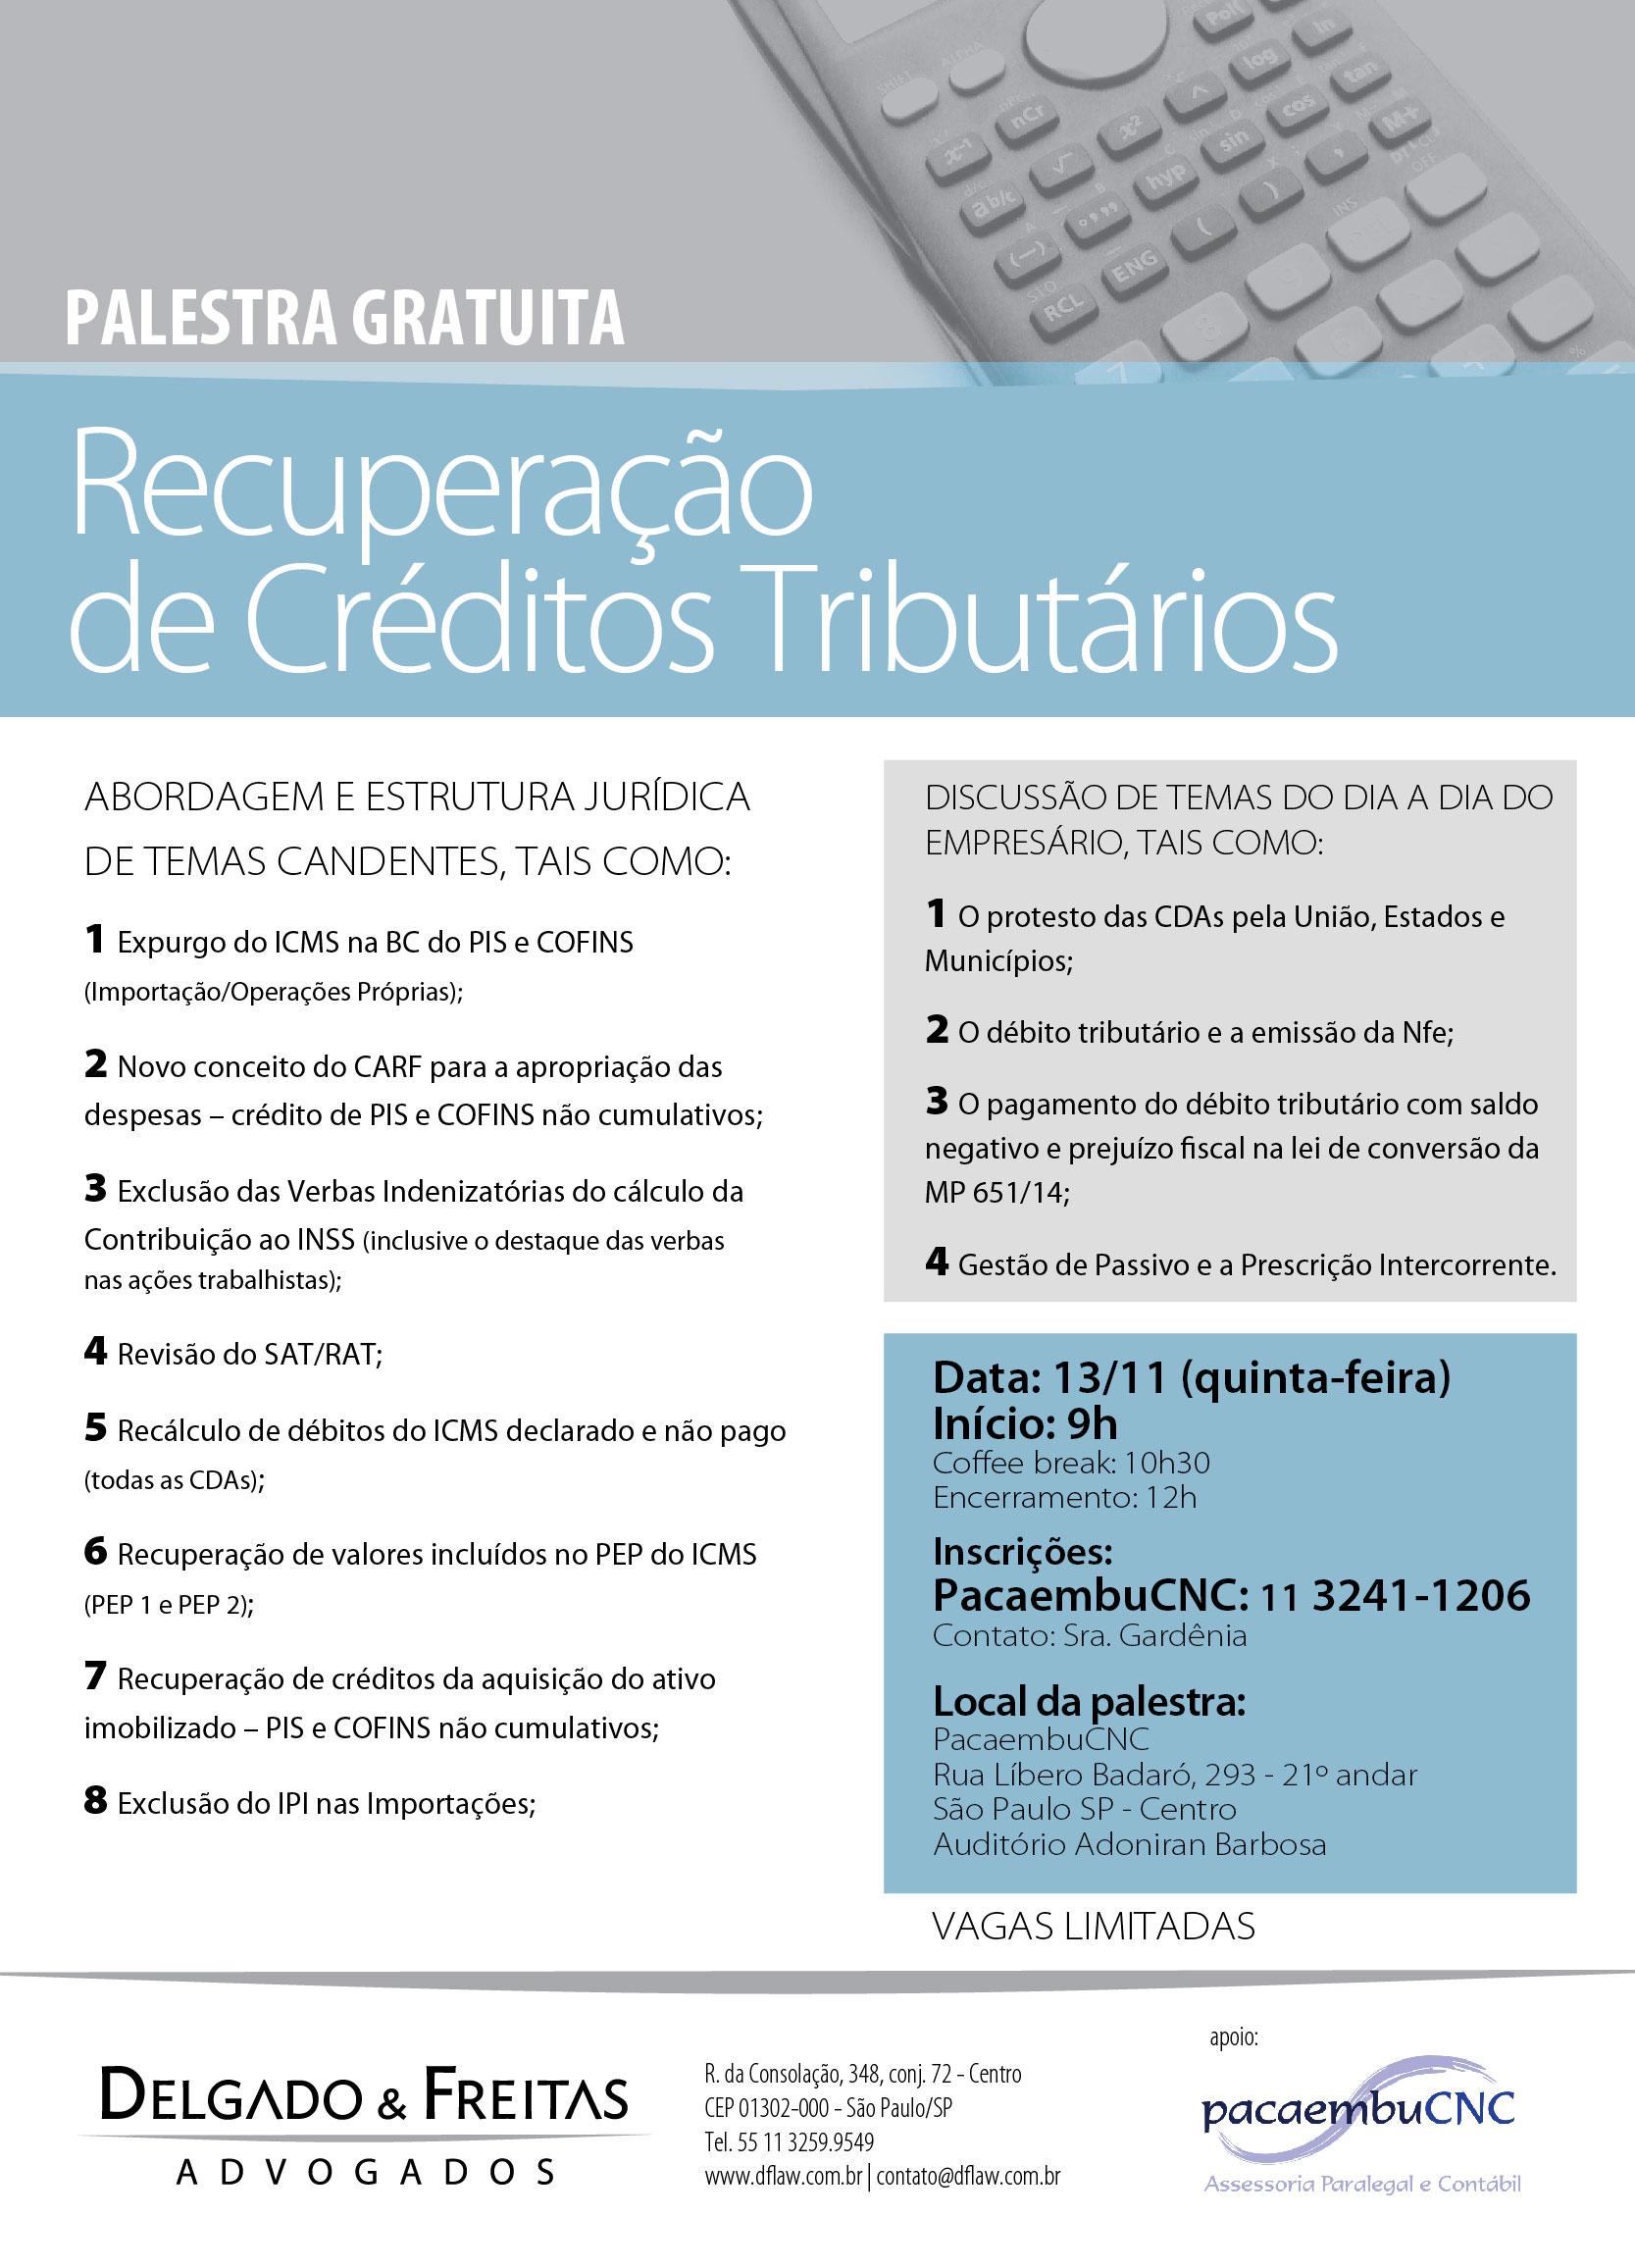 F660 DF Advogados news palestra pacaembucnc EVENTOS